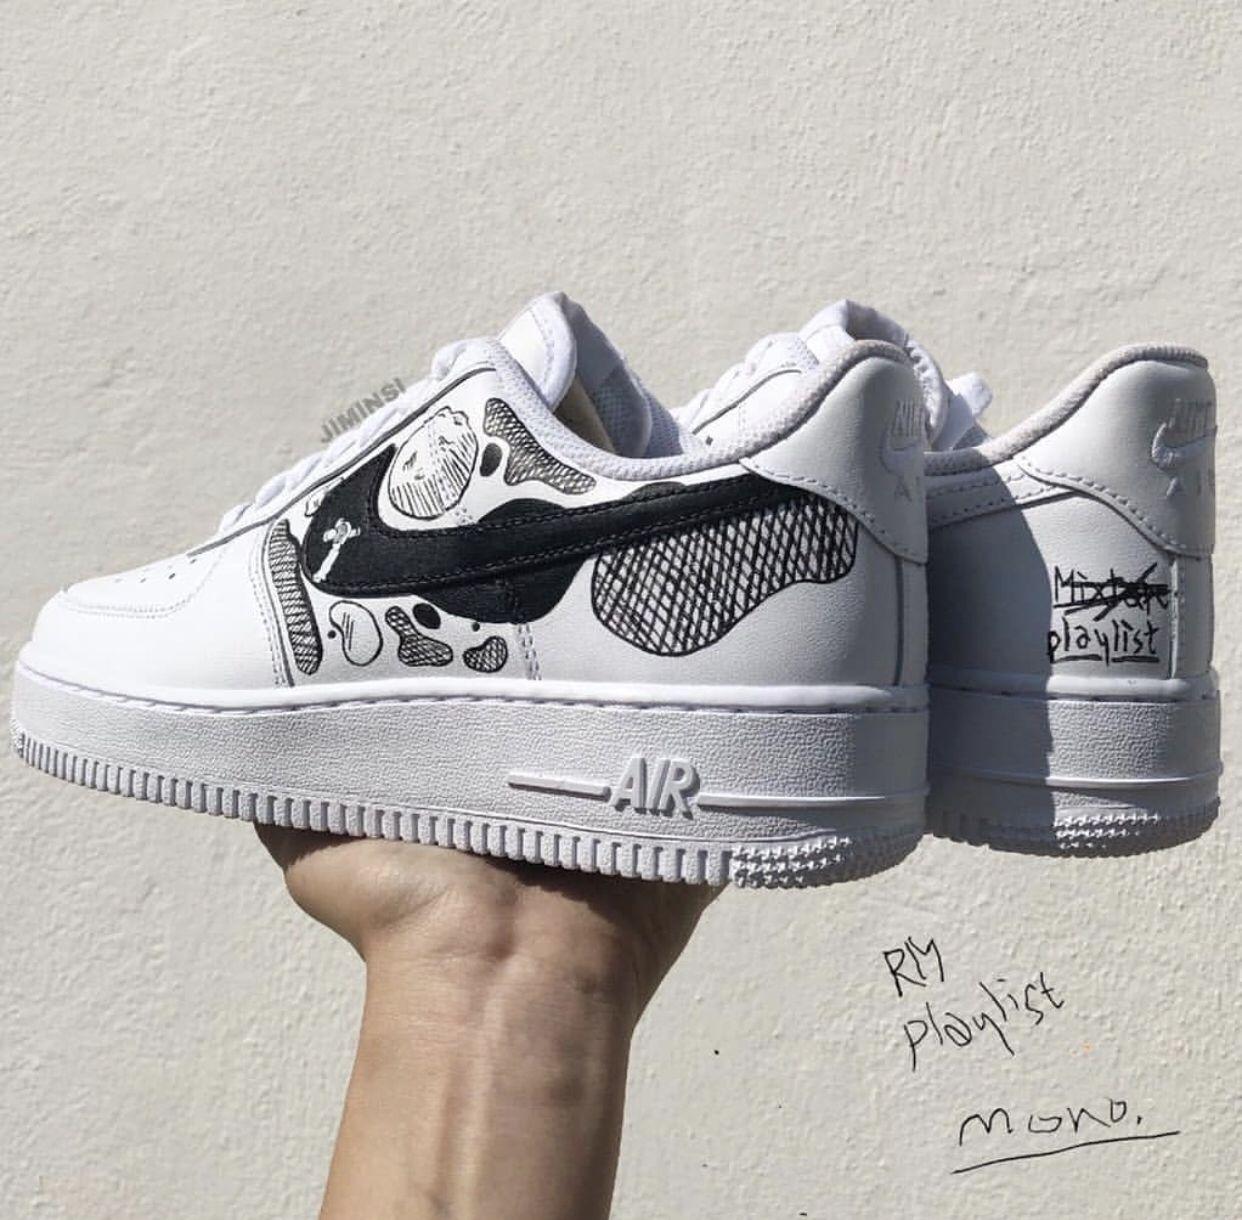 Personnaliser Nike Tennis Chaussure Personnaliser Tennis Chaussure Chaussure Nike Personnaliser 2W9DHEI